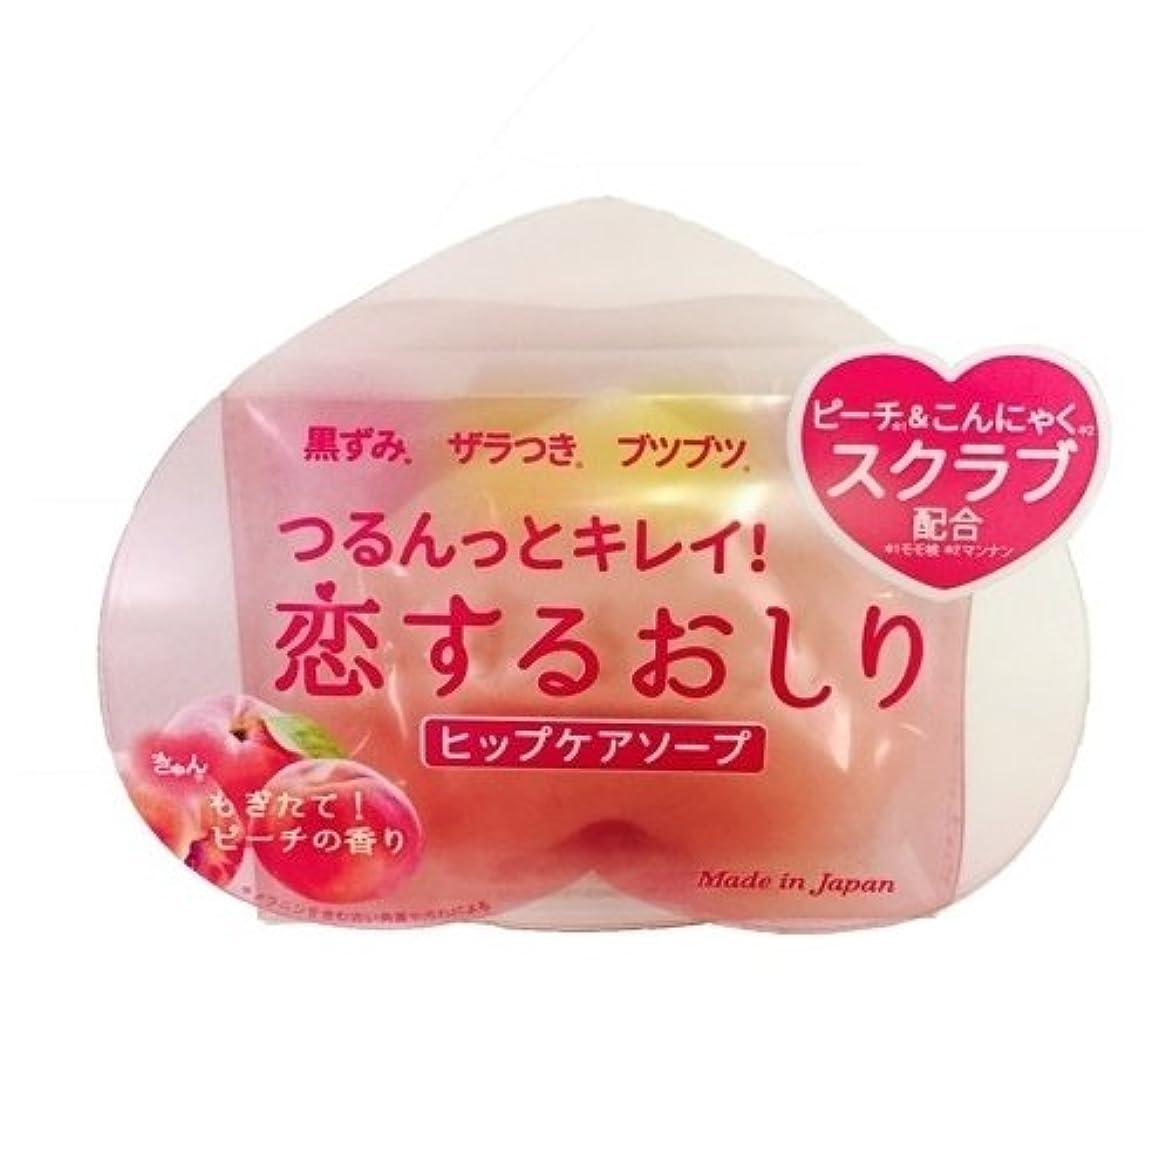 ネコ展示会登録ペリカン石鹸 恋するおしり ヒップケアソープ 80g